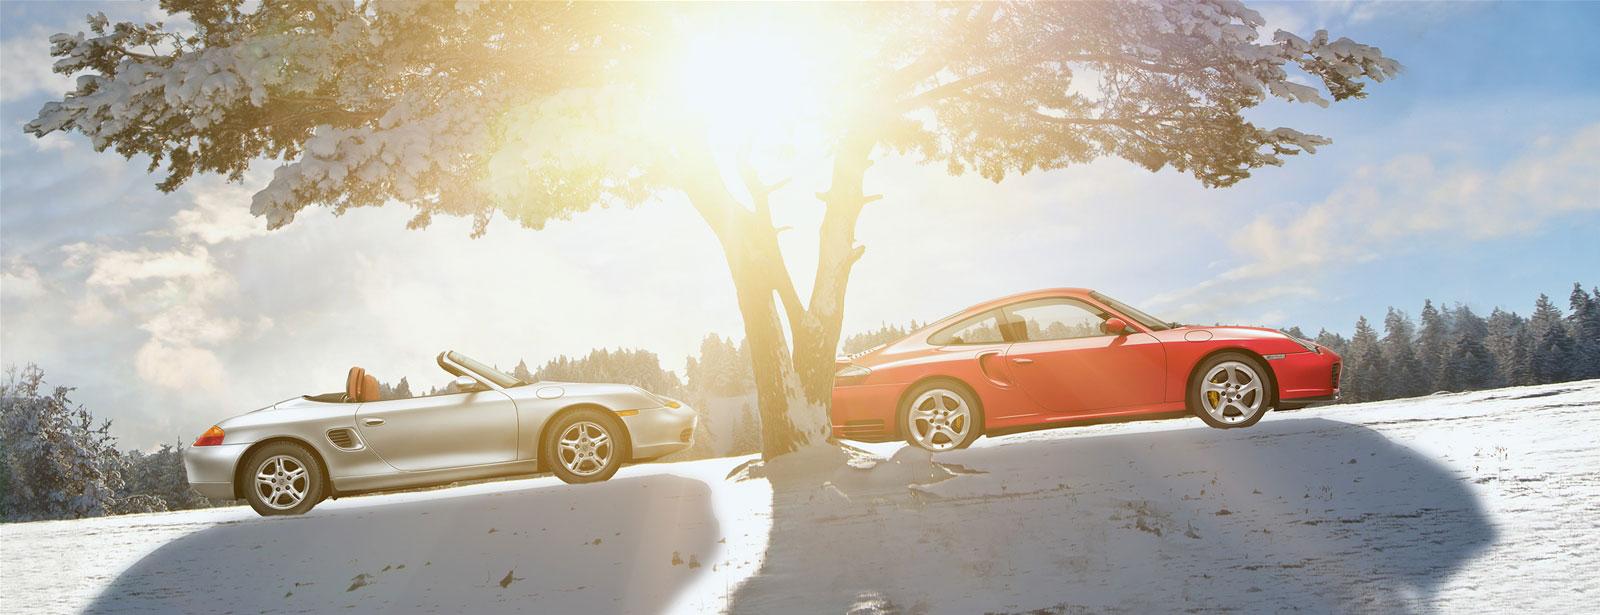 Welcome to classic. - Porsche Boxster (986) | Porsche 911 (996).